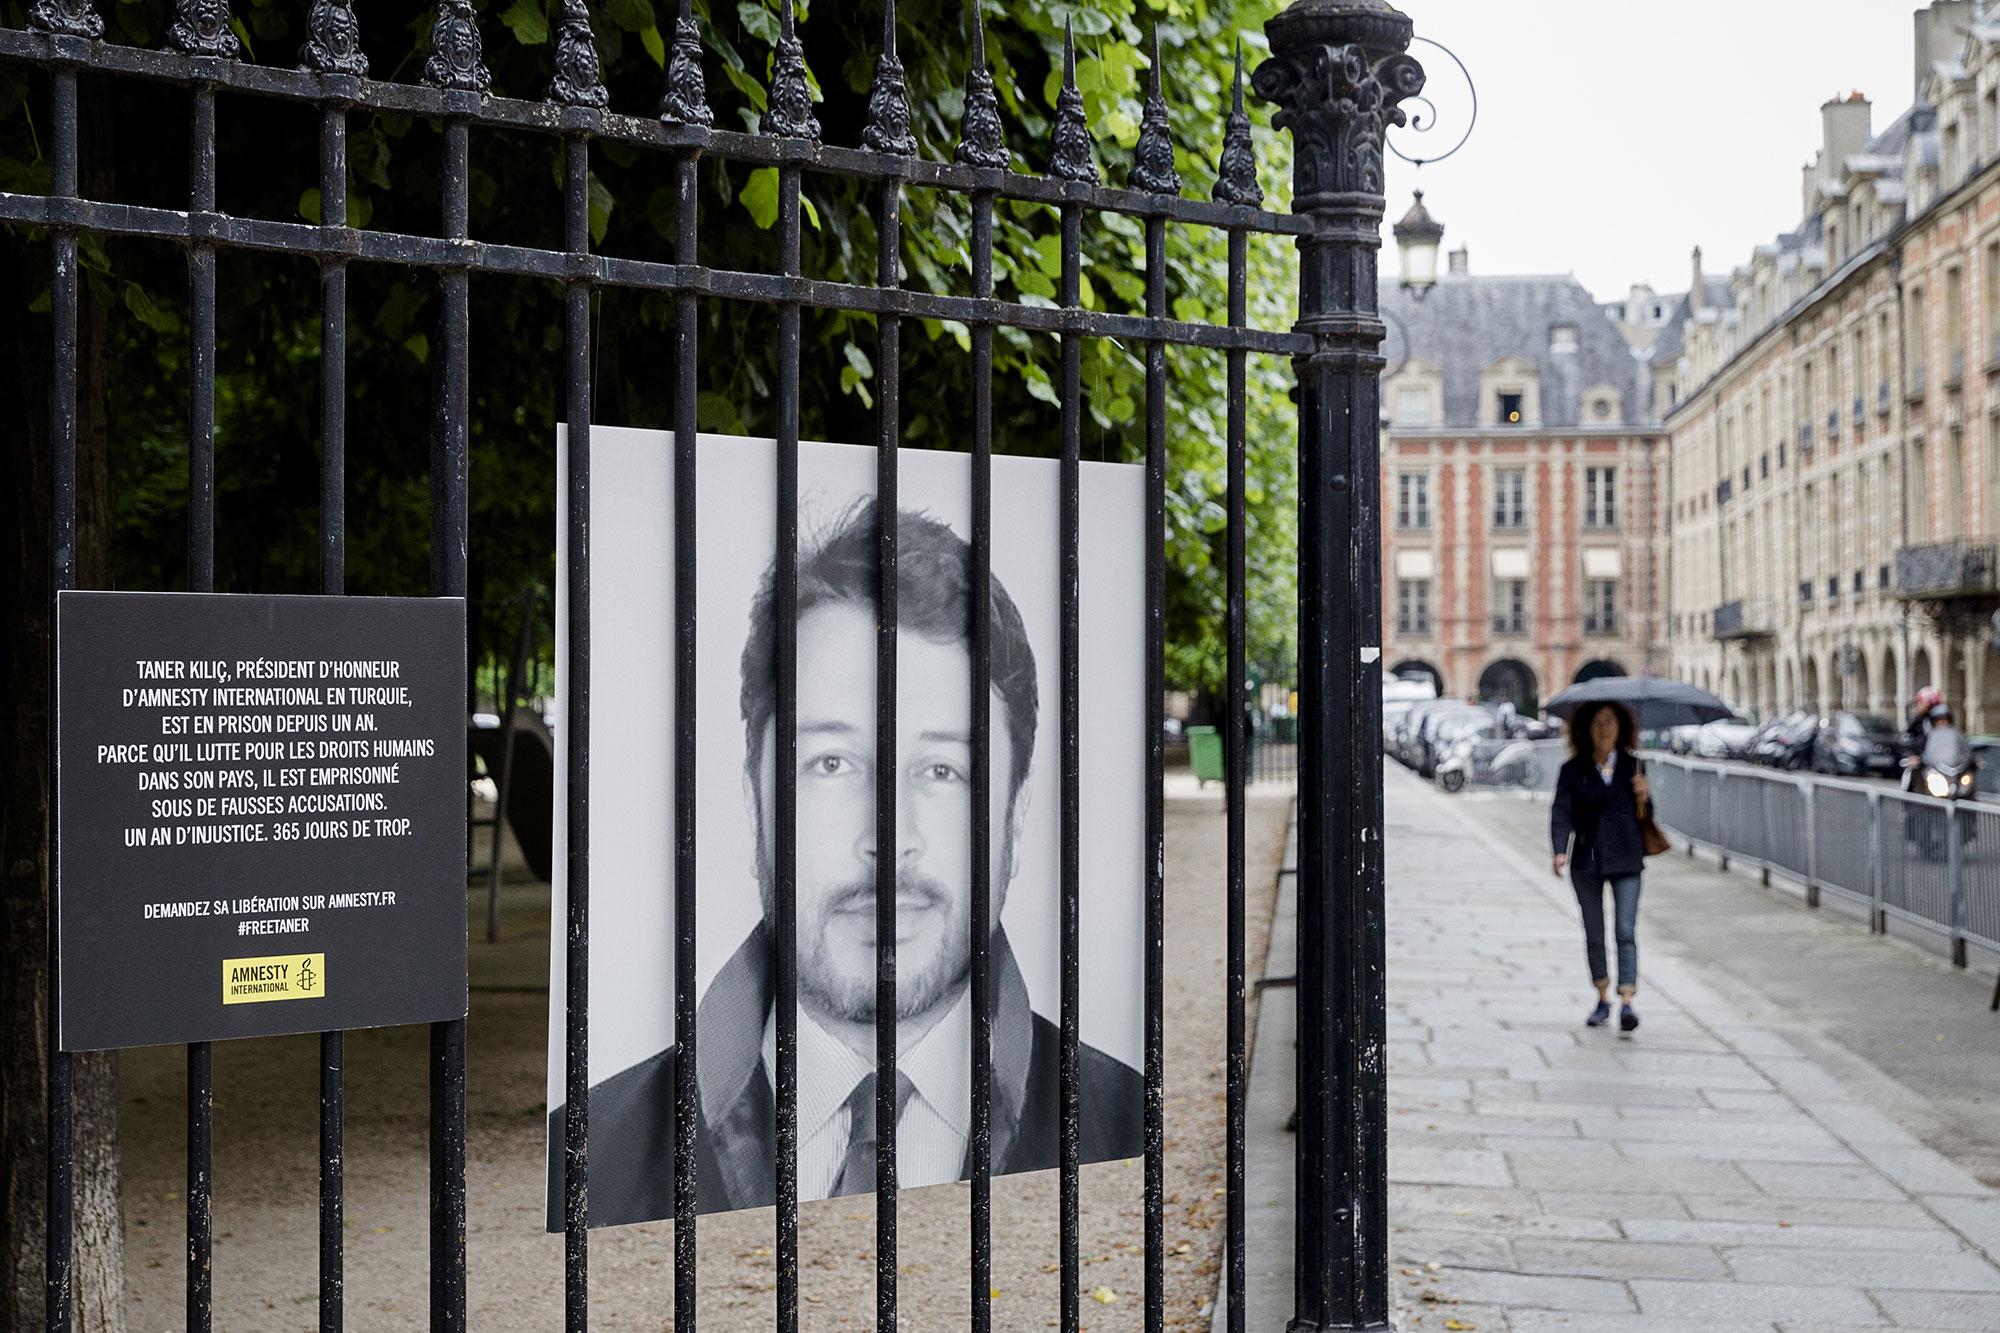 Action à Paris pour exiger la libération de Taner Kılıç